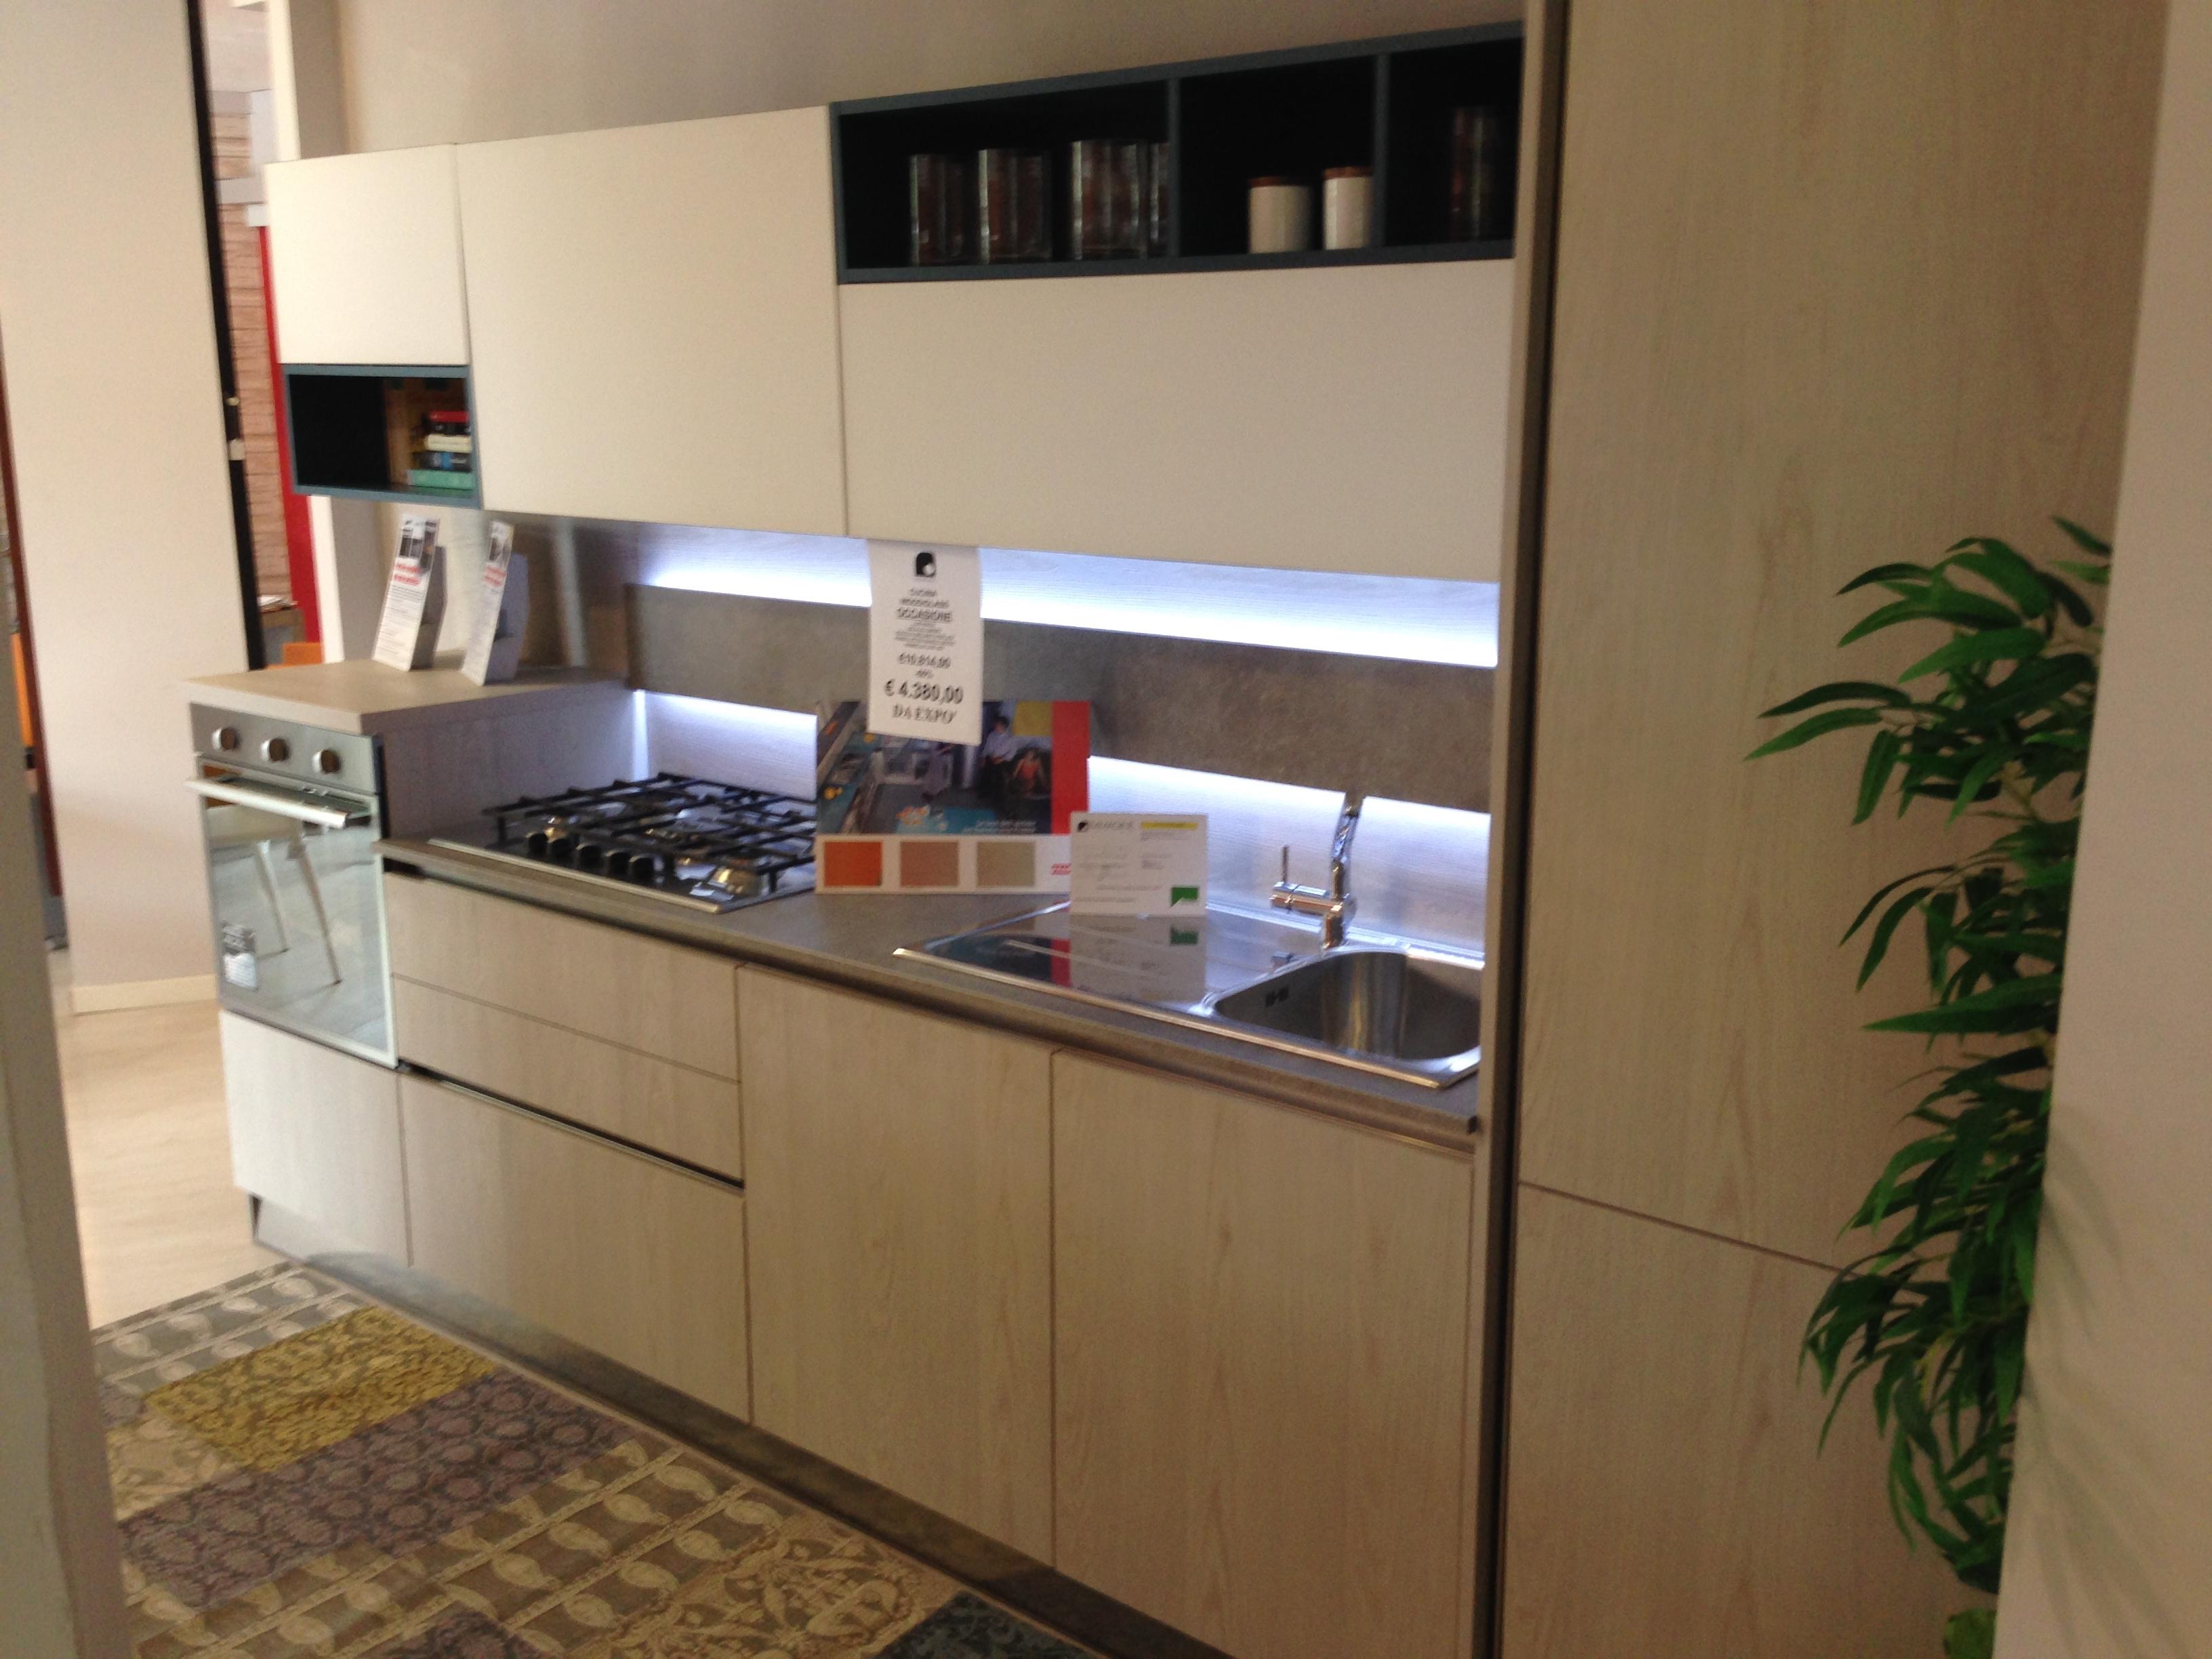 Cucina arredamento prezzi offerta cucine allinterno for Convenienza arredi